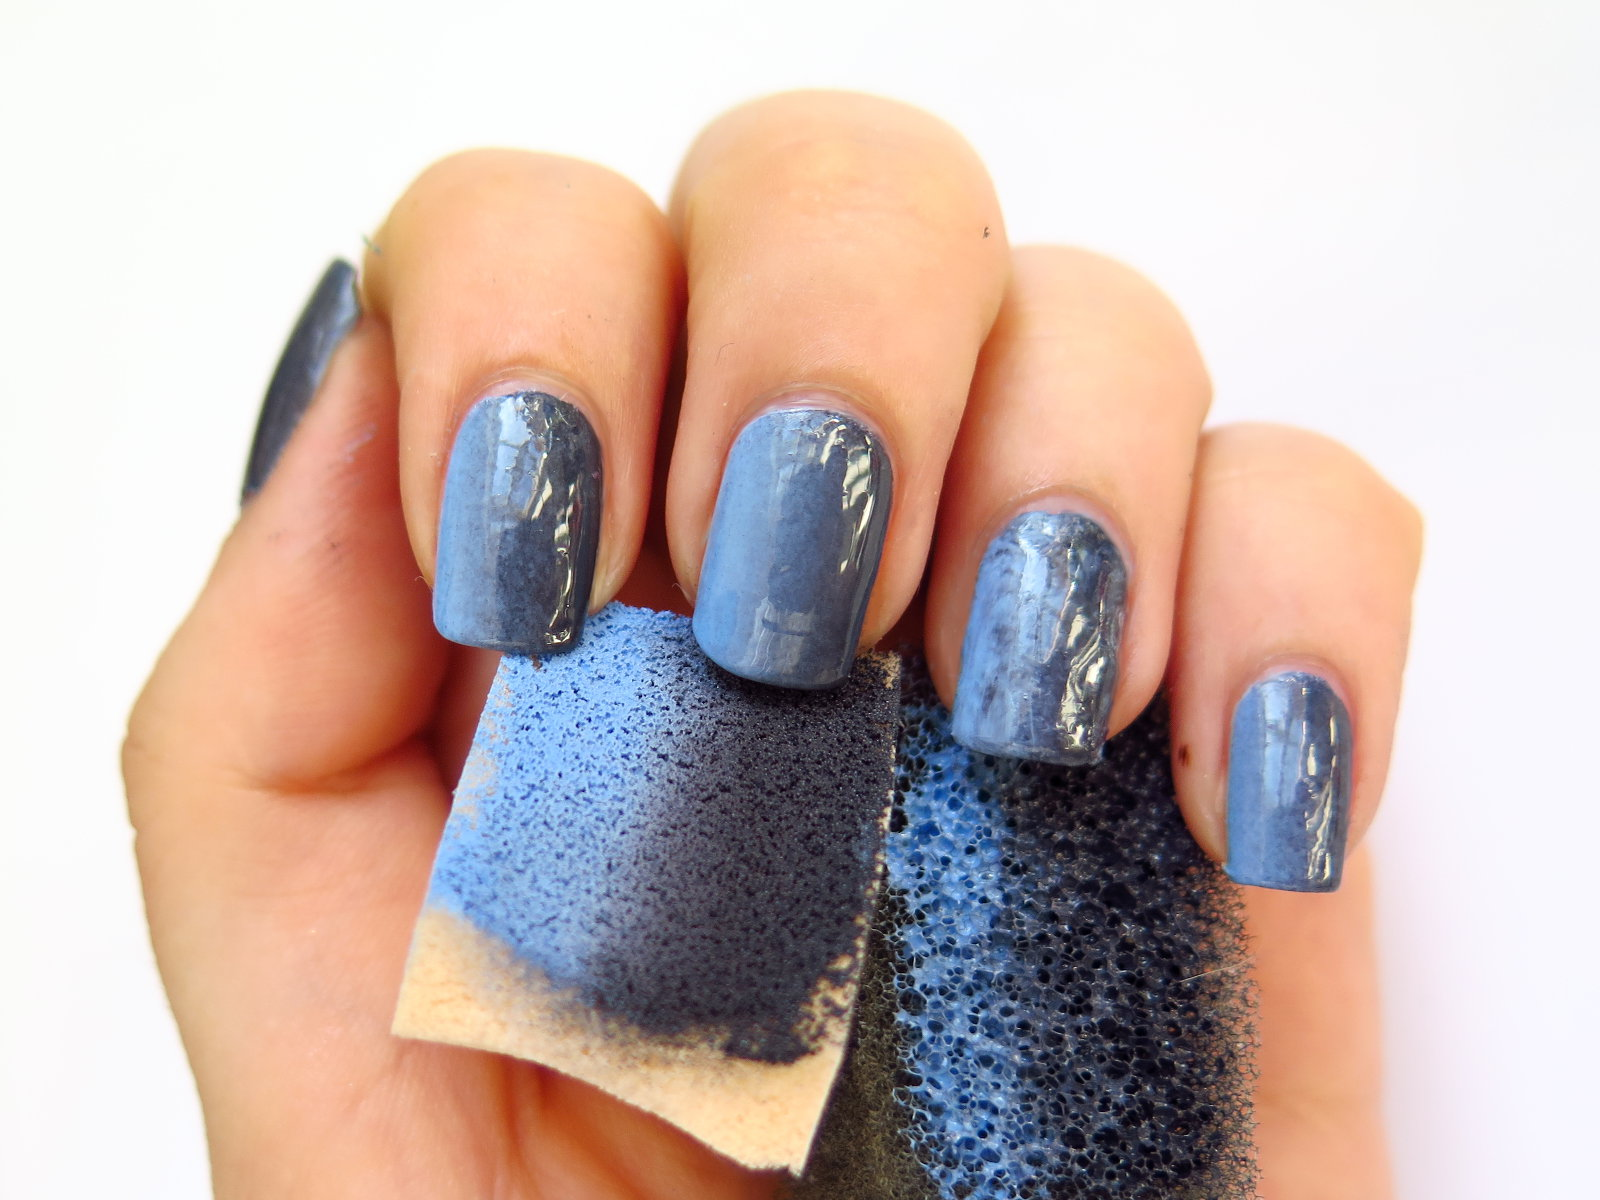 czy gąbka do zmywania naczyń do ombre jaka gradient na paznokciach